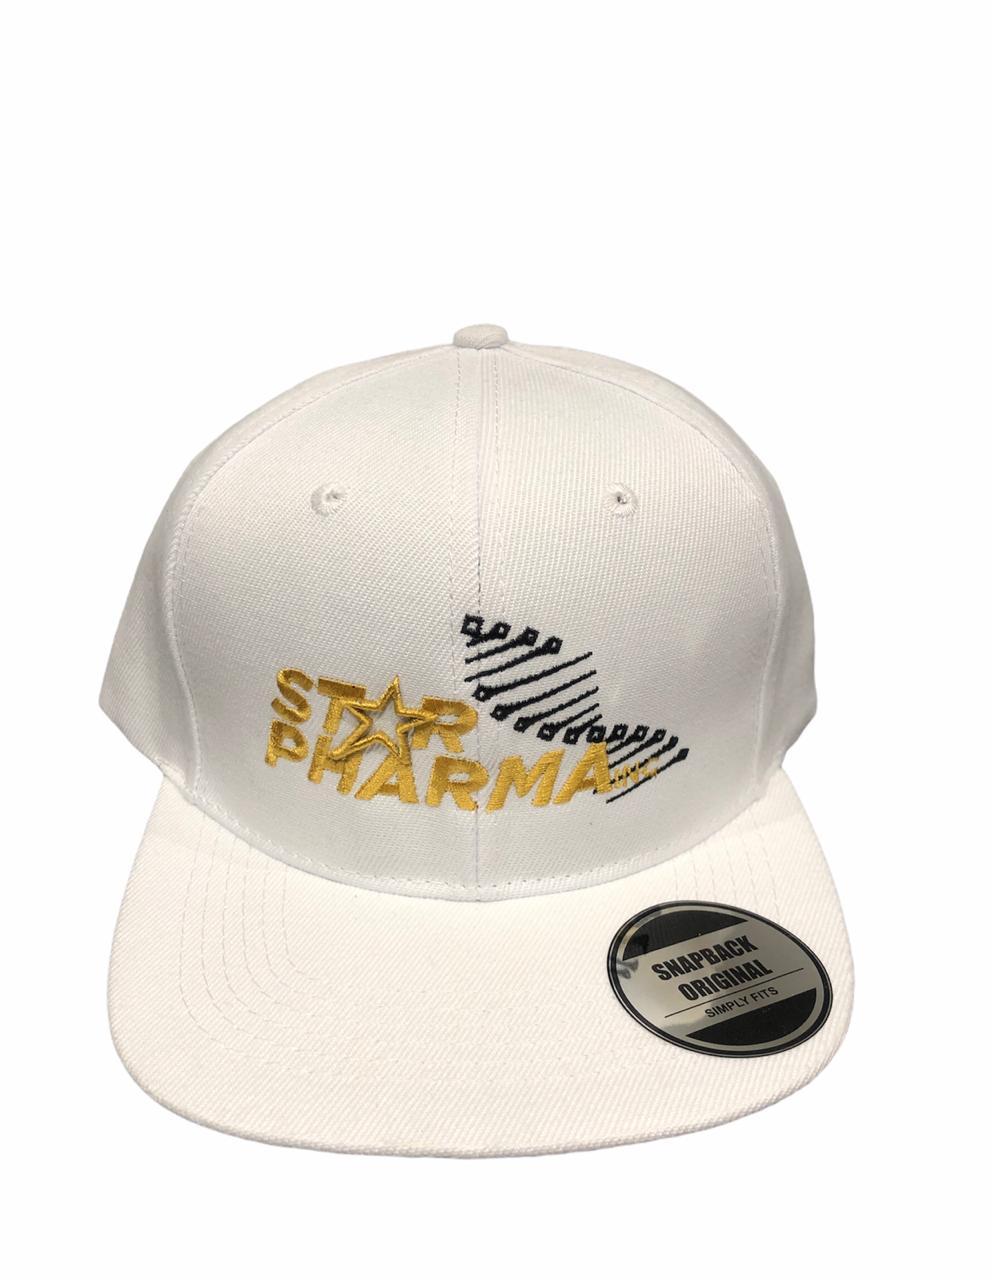 STAR-PHARMA WHITE CAP